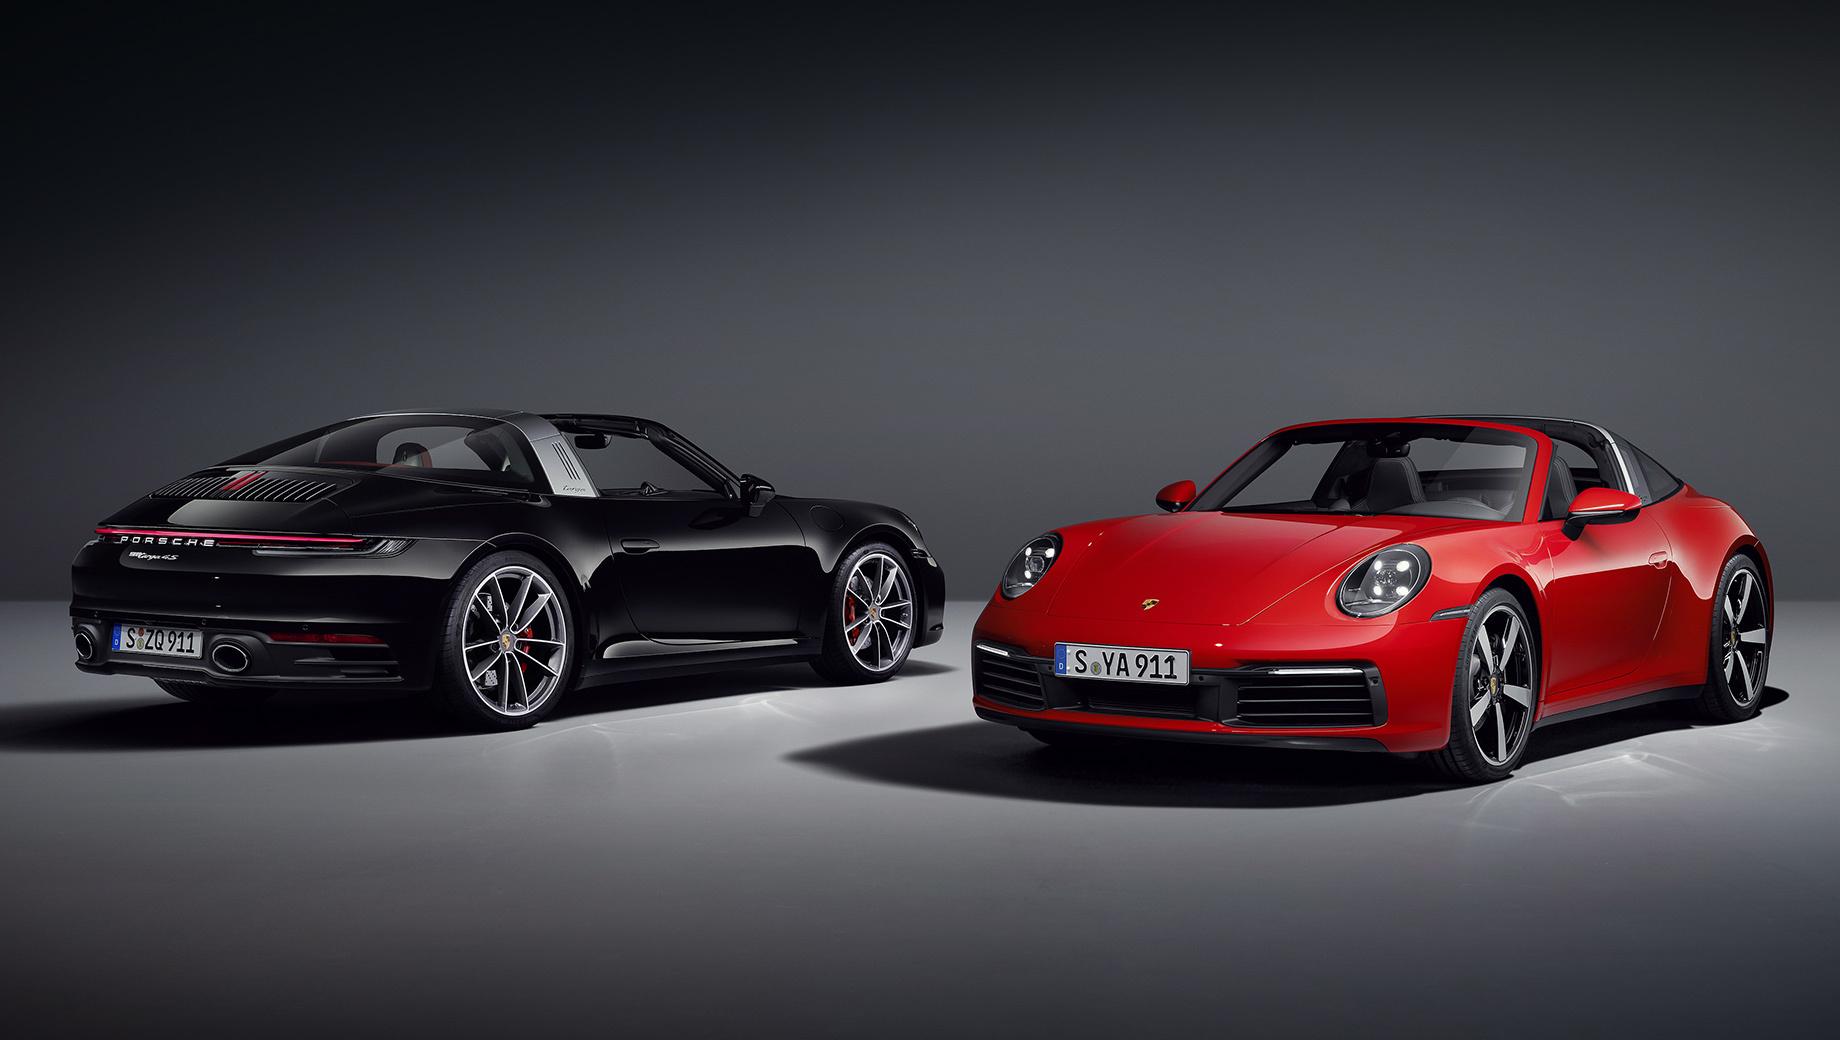 Porsche 911,Porsche 911 targa. Максимальная скорость у Тарги 4 составляет 289 км/ч вместо прежних 287, а у версии 4S — 304 вместо 301 км/ч. Спереди и сзади Targa 4 оснащается четырёхпоршневыми тормозами, а Targa 4S — передними механизмами с шестью поршнями. Углеродокерамика — опция.